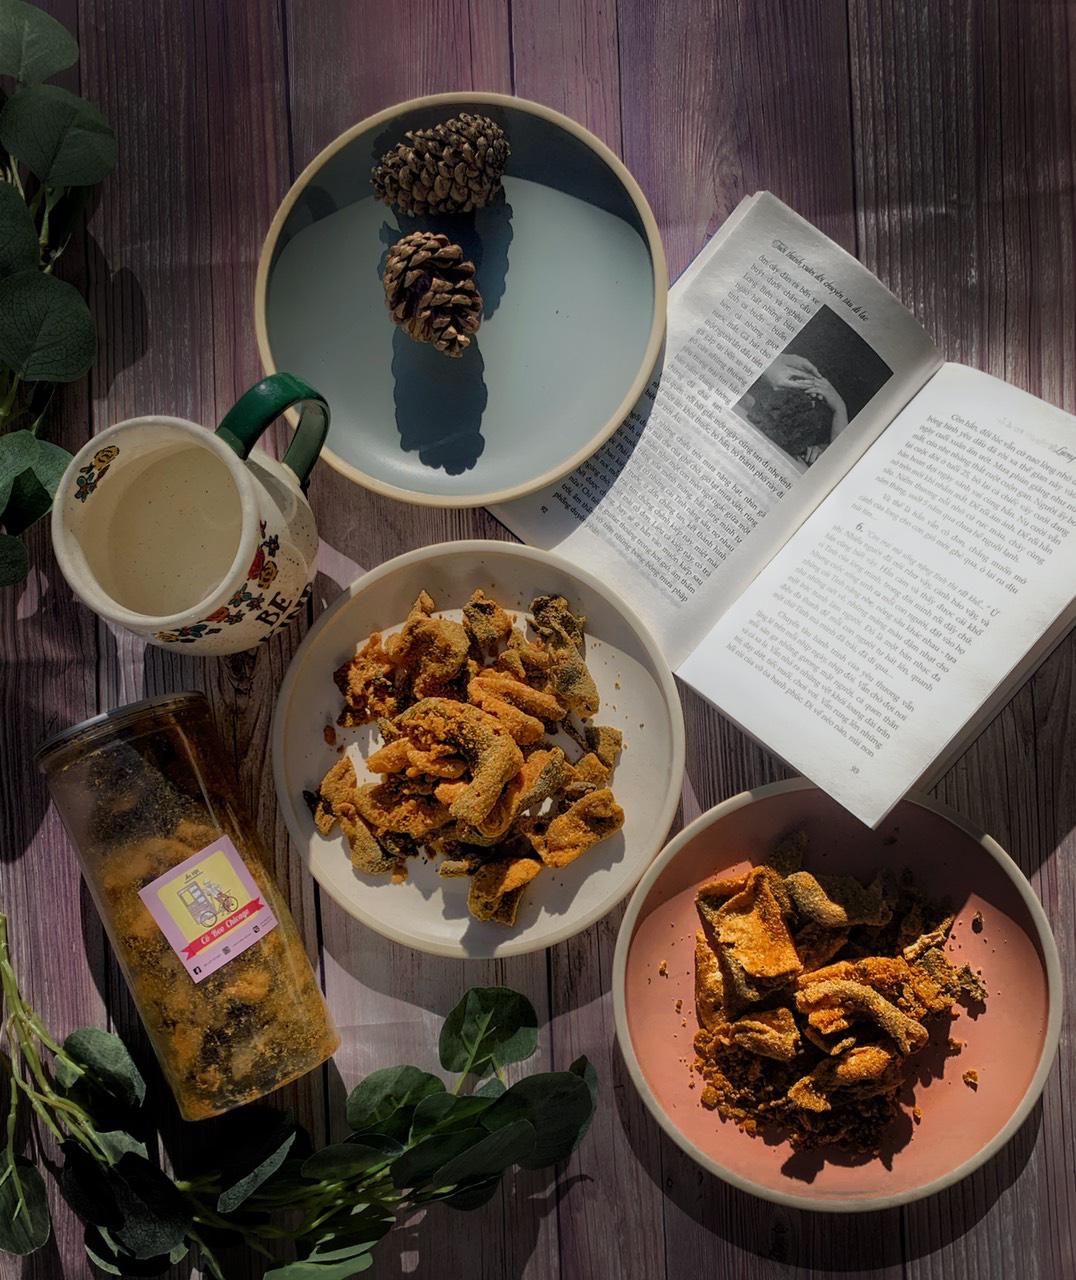 Chân dung cô chủ 23 tuổi Vũ Hồng Cúc cùng thương hiệu ăn vặt Việt tại Mỹ - Ảnh 2.